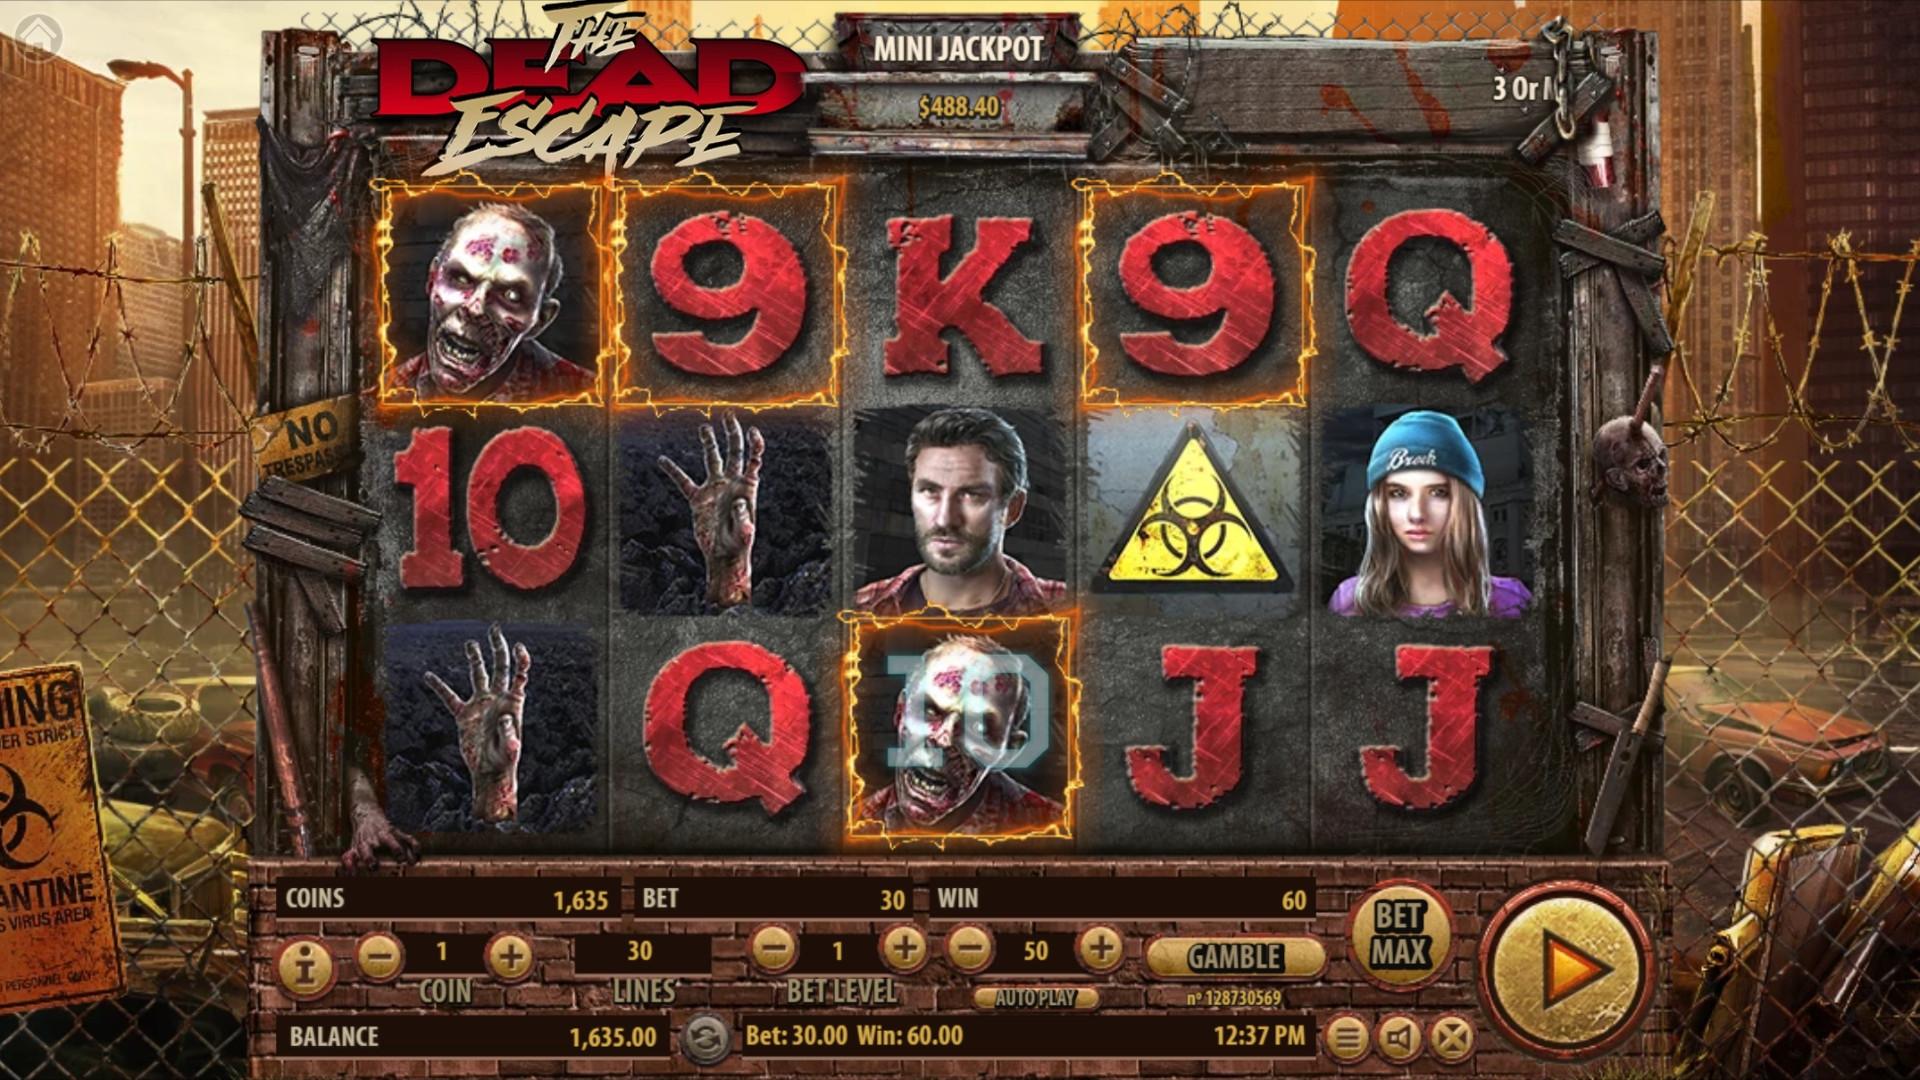 Spiele The Dead Escape - Video Slots Online